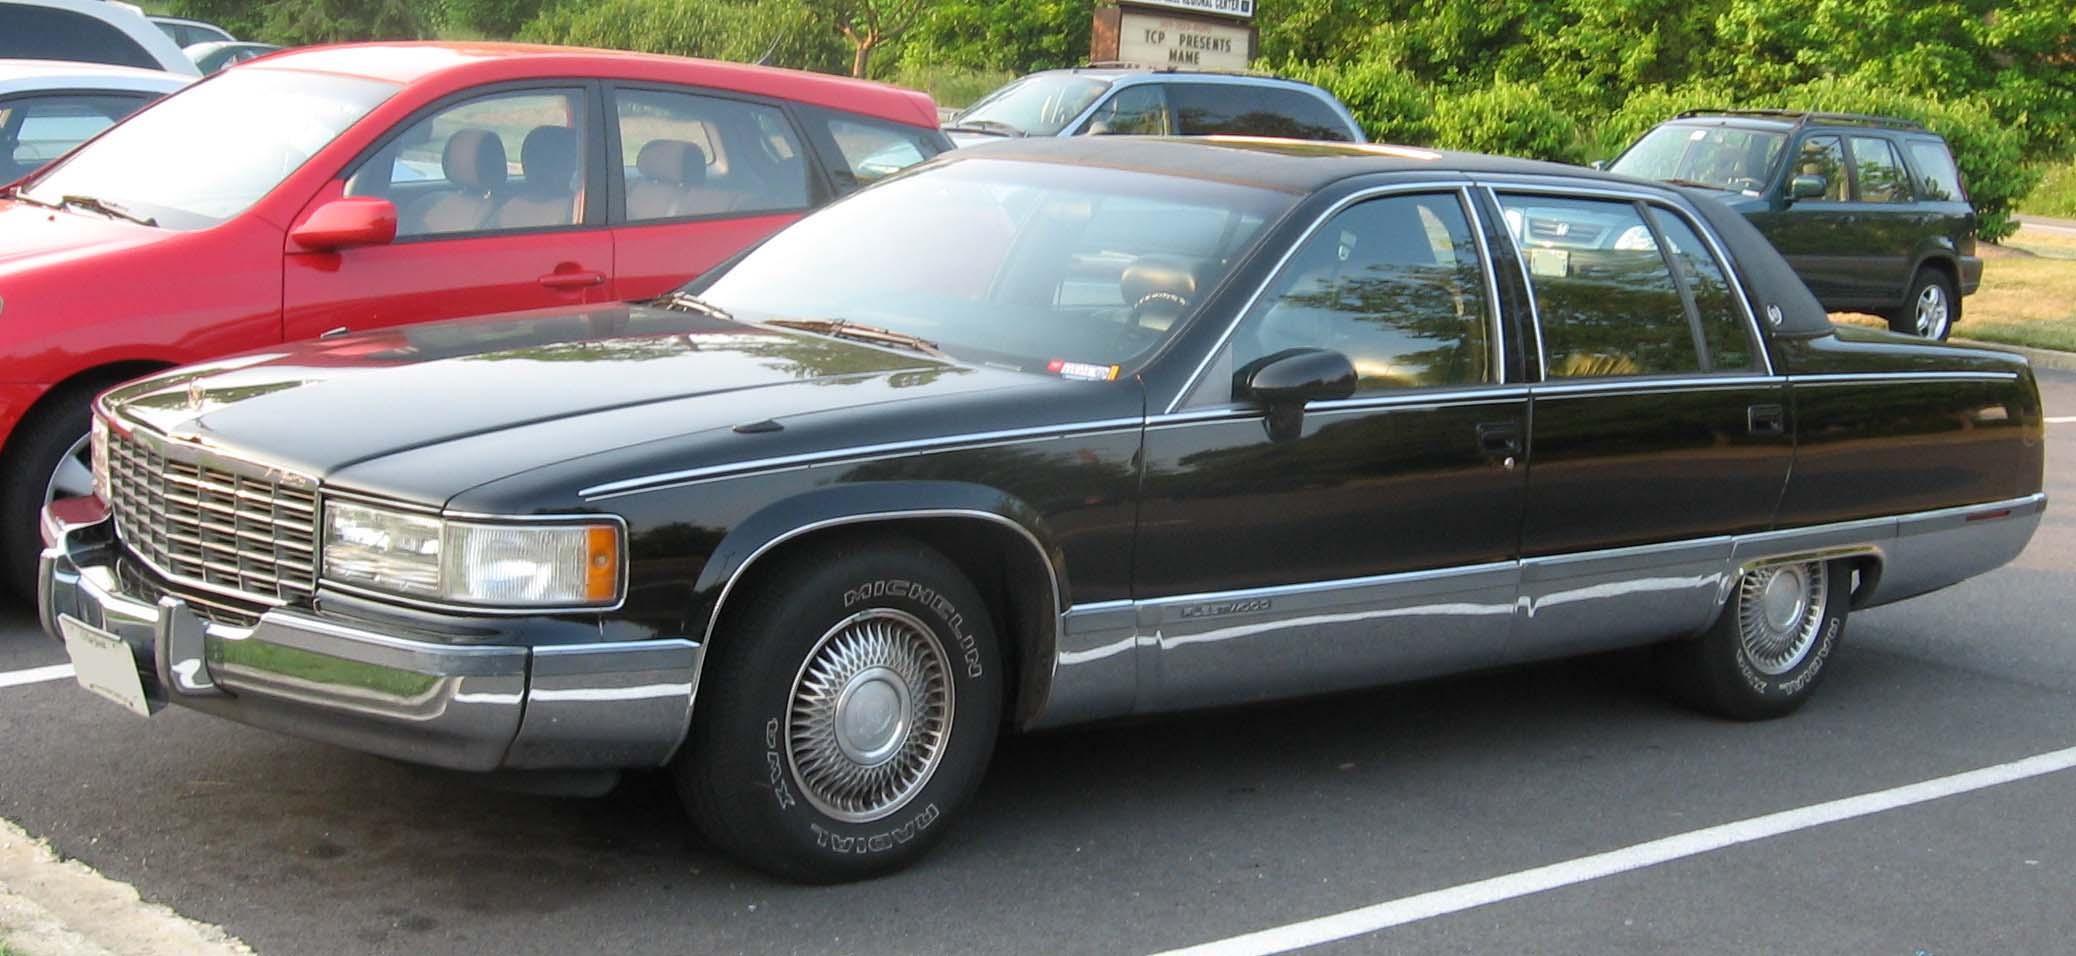 Cadillac LSE 1993 - 1996 Sedan #4